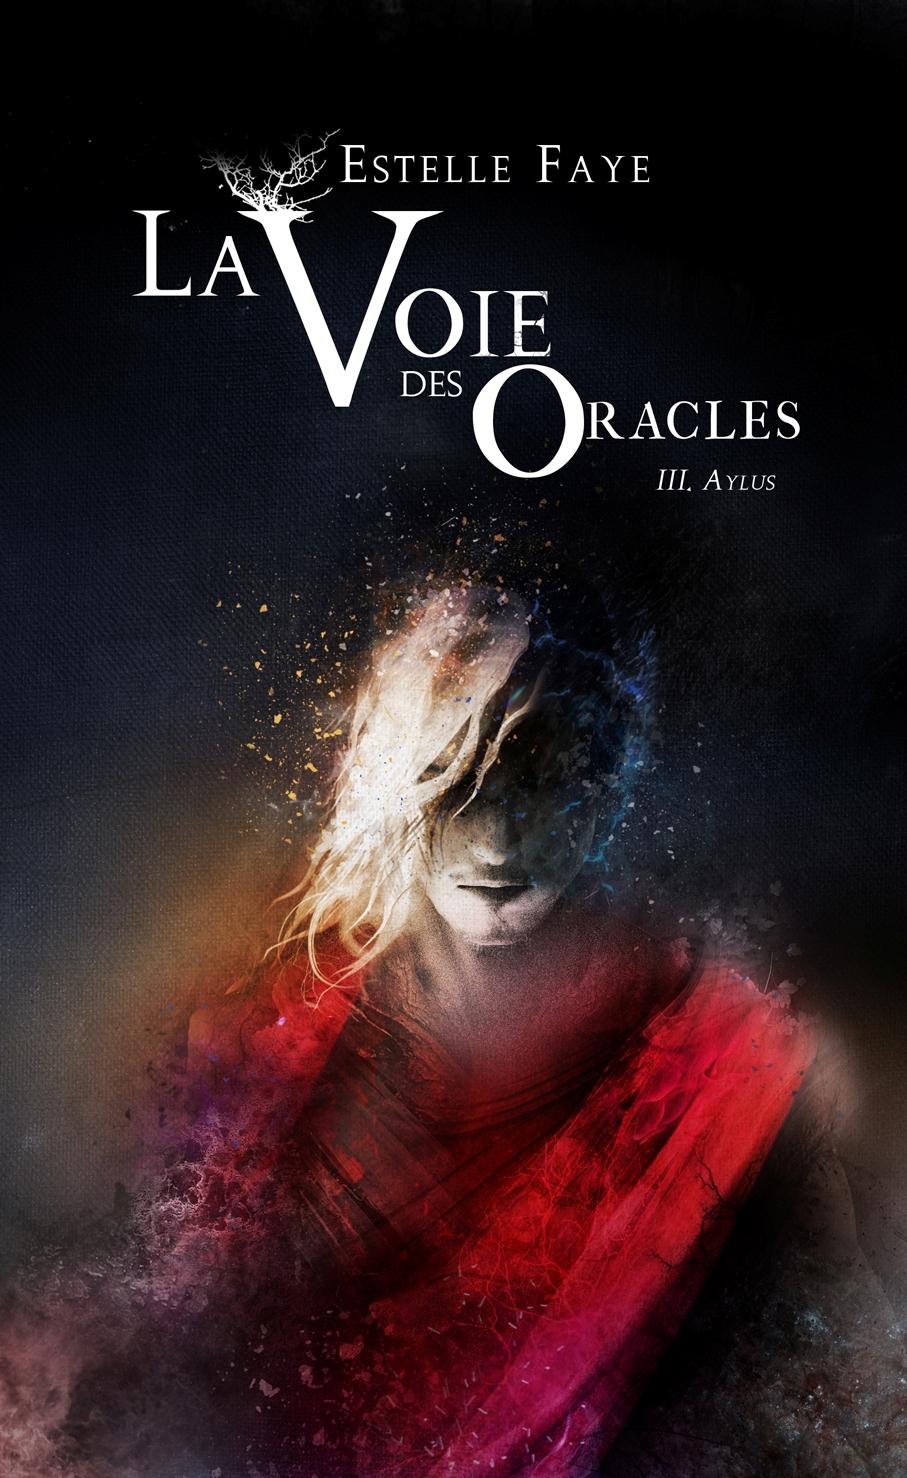 FORMAT LIVRELa voie des oracles-Aylus3[1]